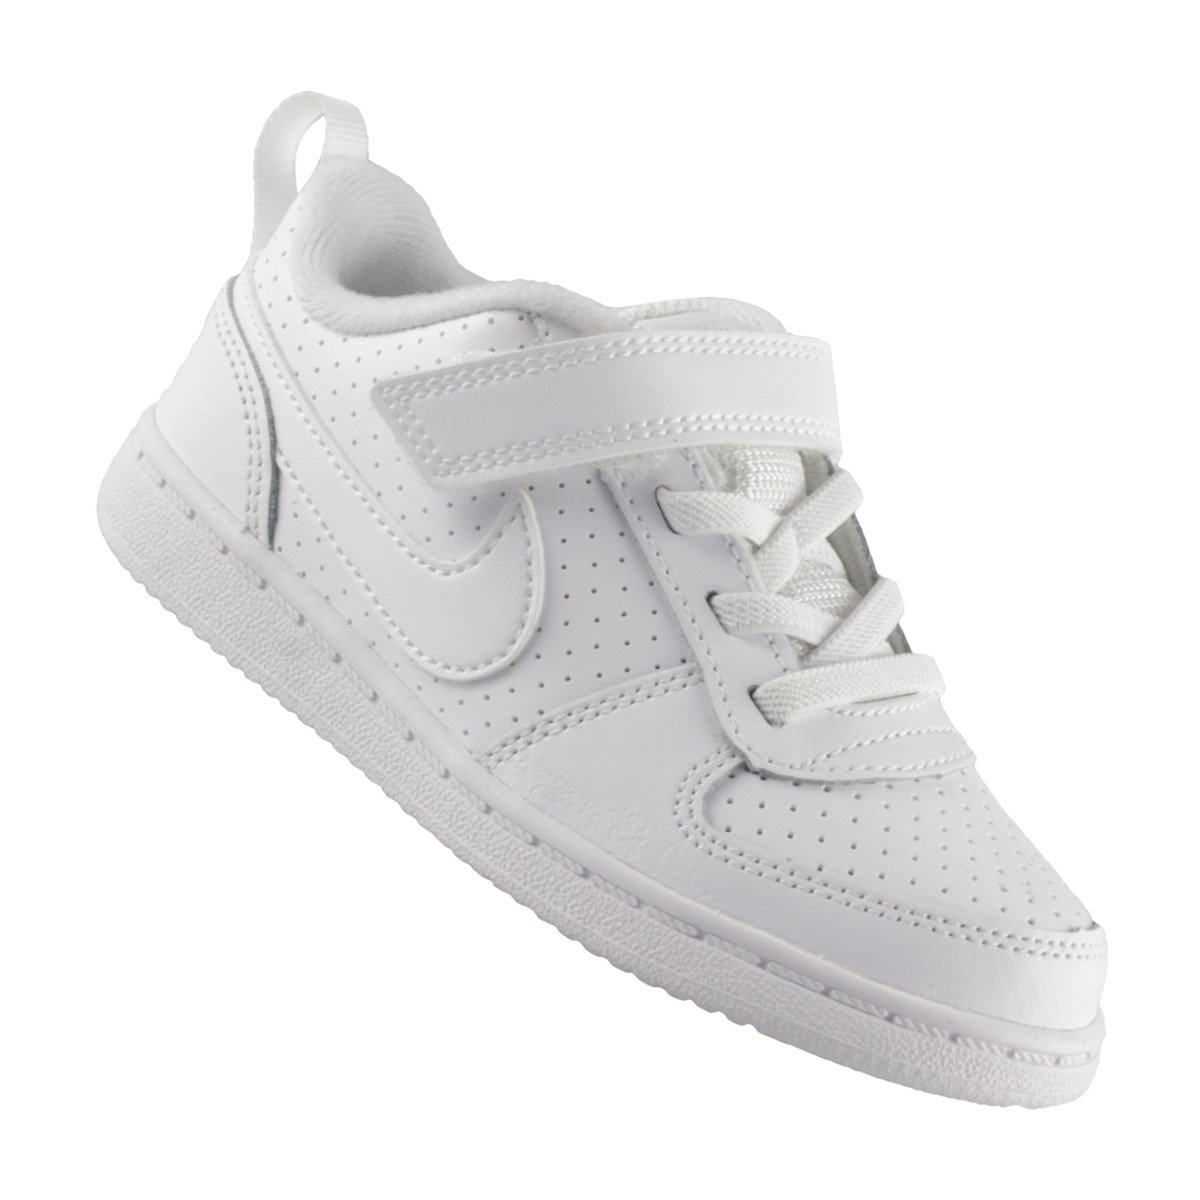 2d65f08df65 Tênis Nike Court Borough Low Infantil